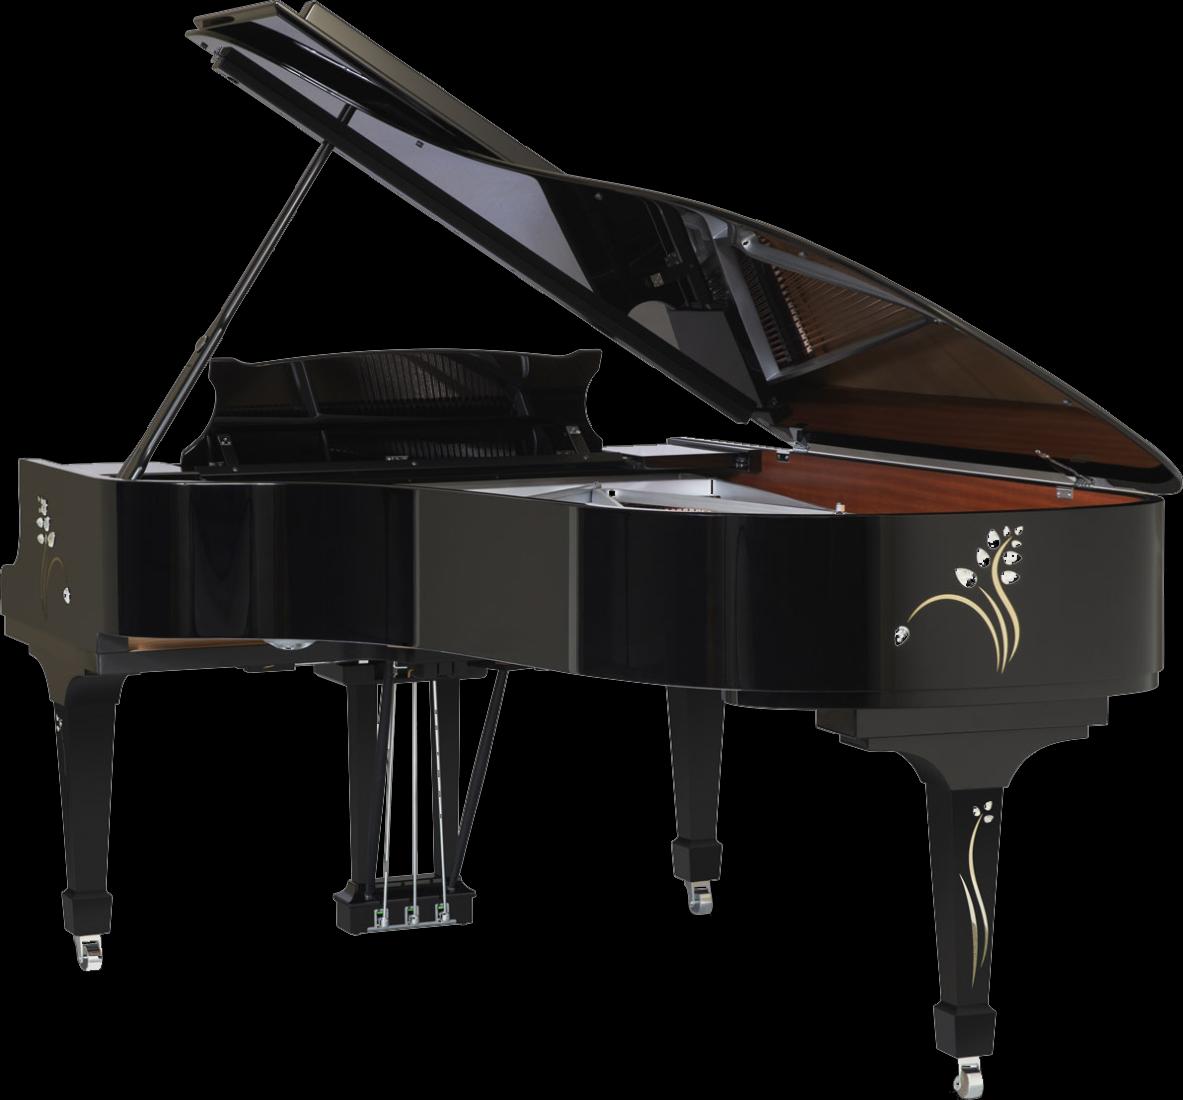 piano-cola-steinway-sons-b211-artesanal-heliconia-lalique-nuevo-edicion-limitada-negro-trasera